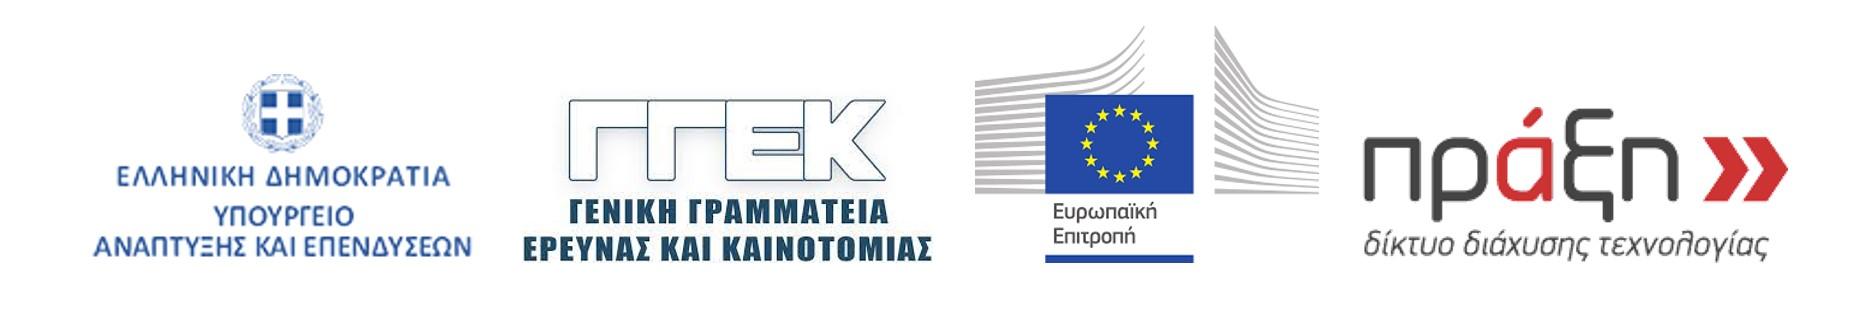 ΠΡΟΣΚΛΗΣΗ στην εναρκτήρια ενημερωτική εκδήλωση για τον Ορίζοντα Ευρώπη